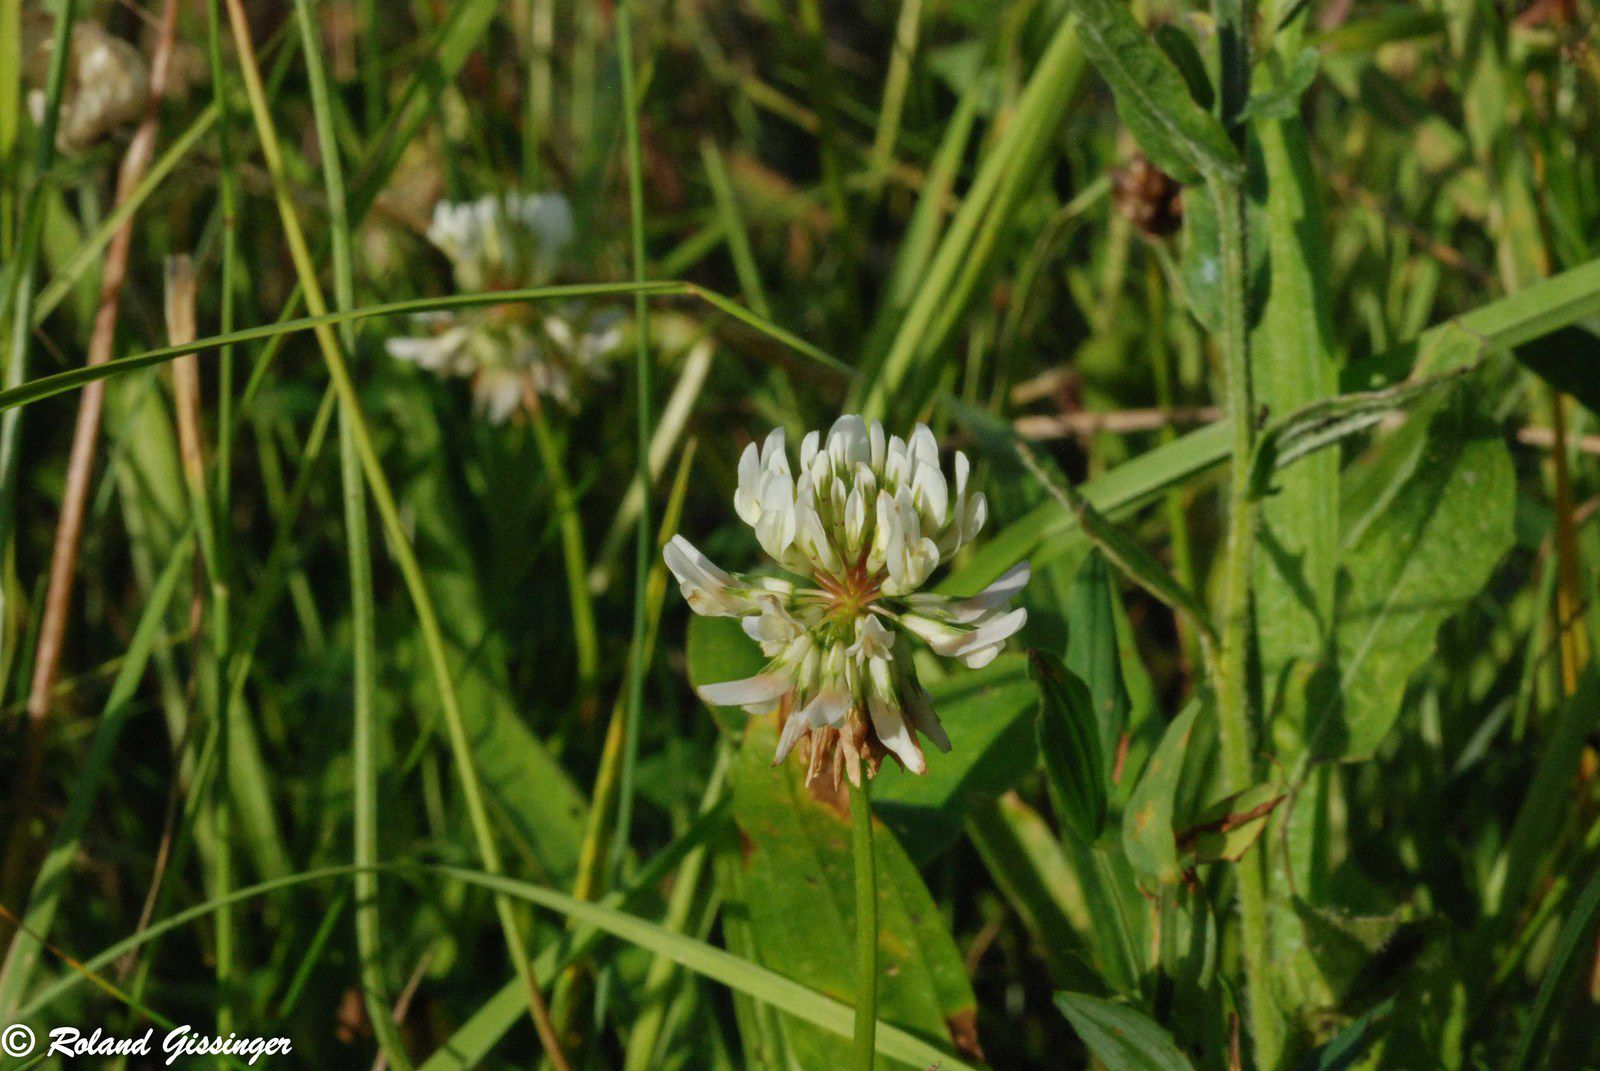 Trèfle rampant, Trèfle blanc, Trèfle de Hollande (Trifolium repens)